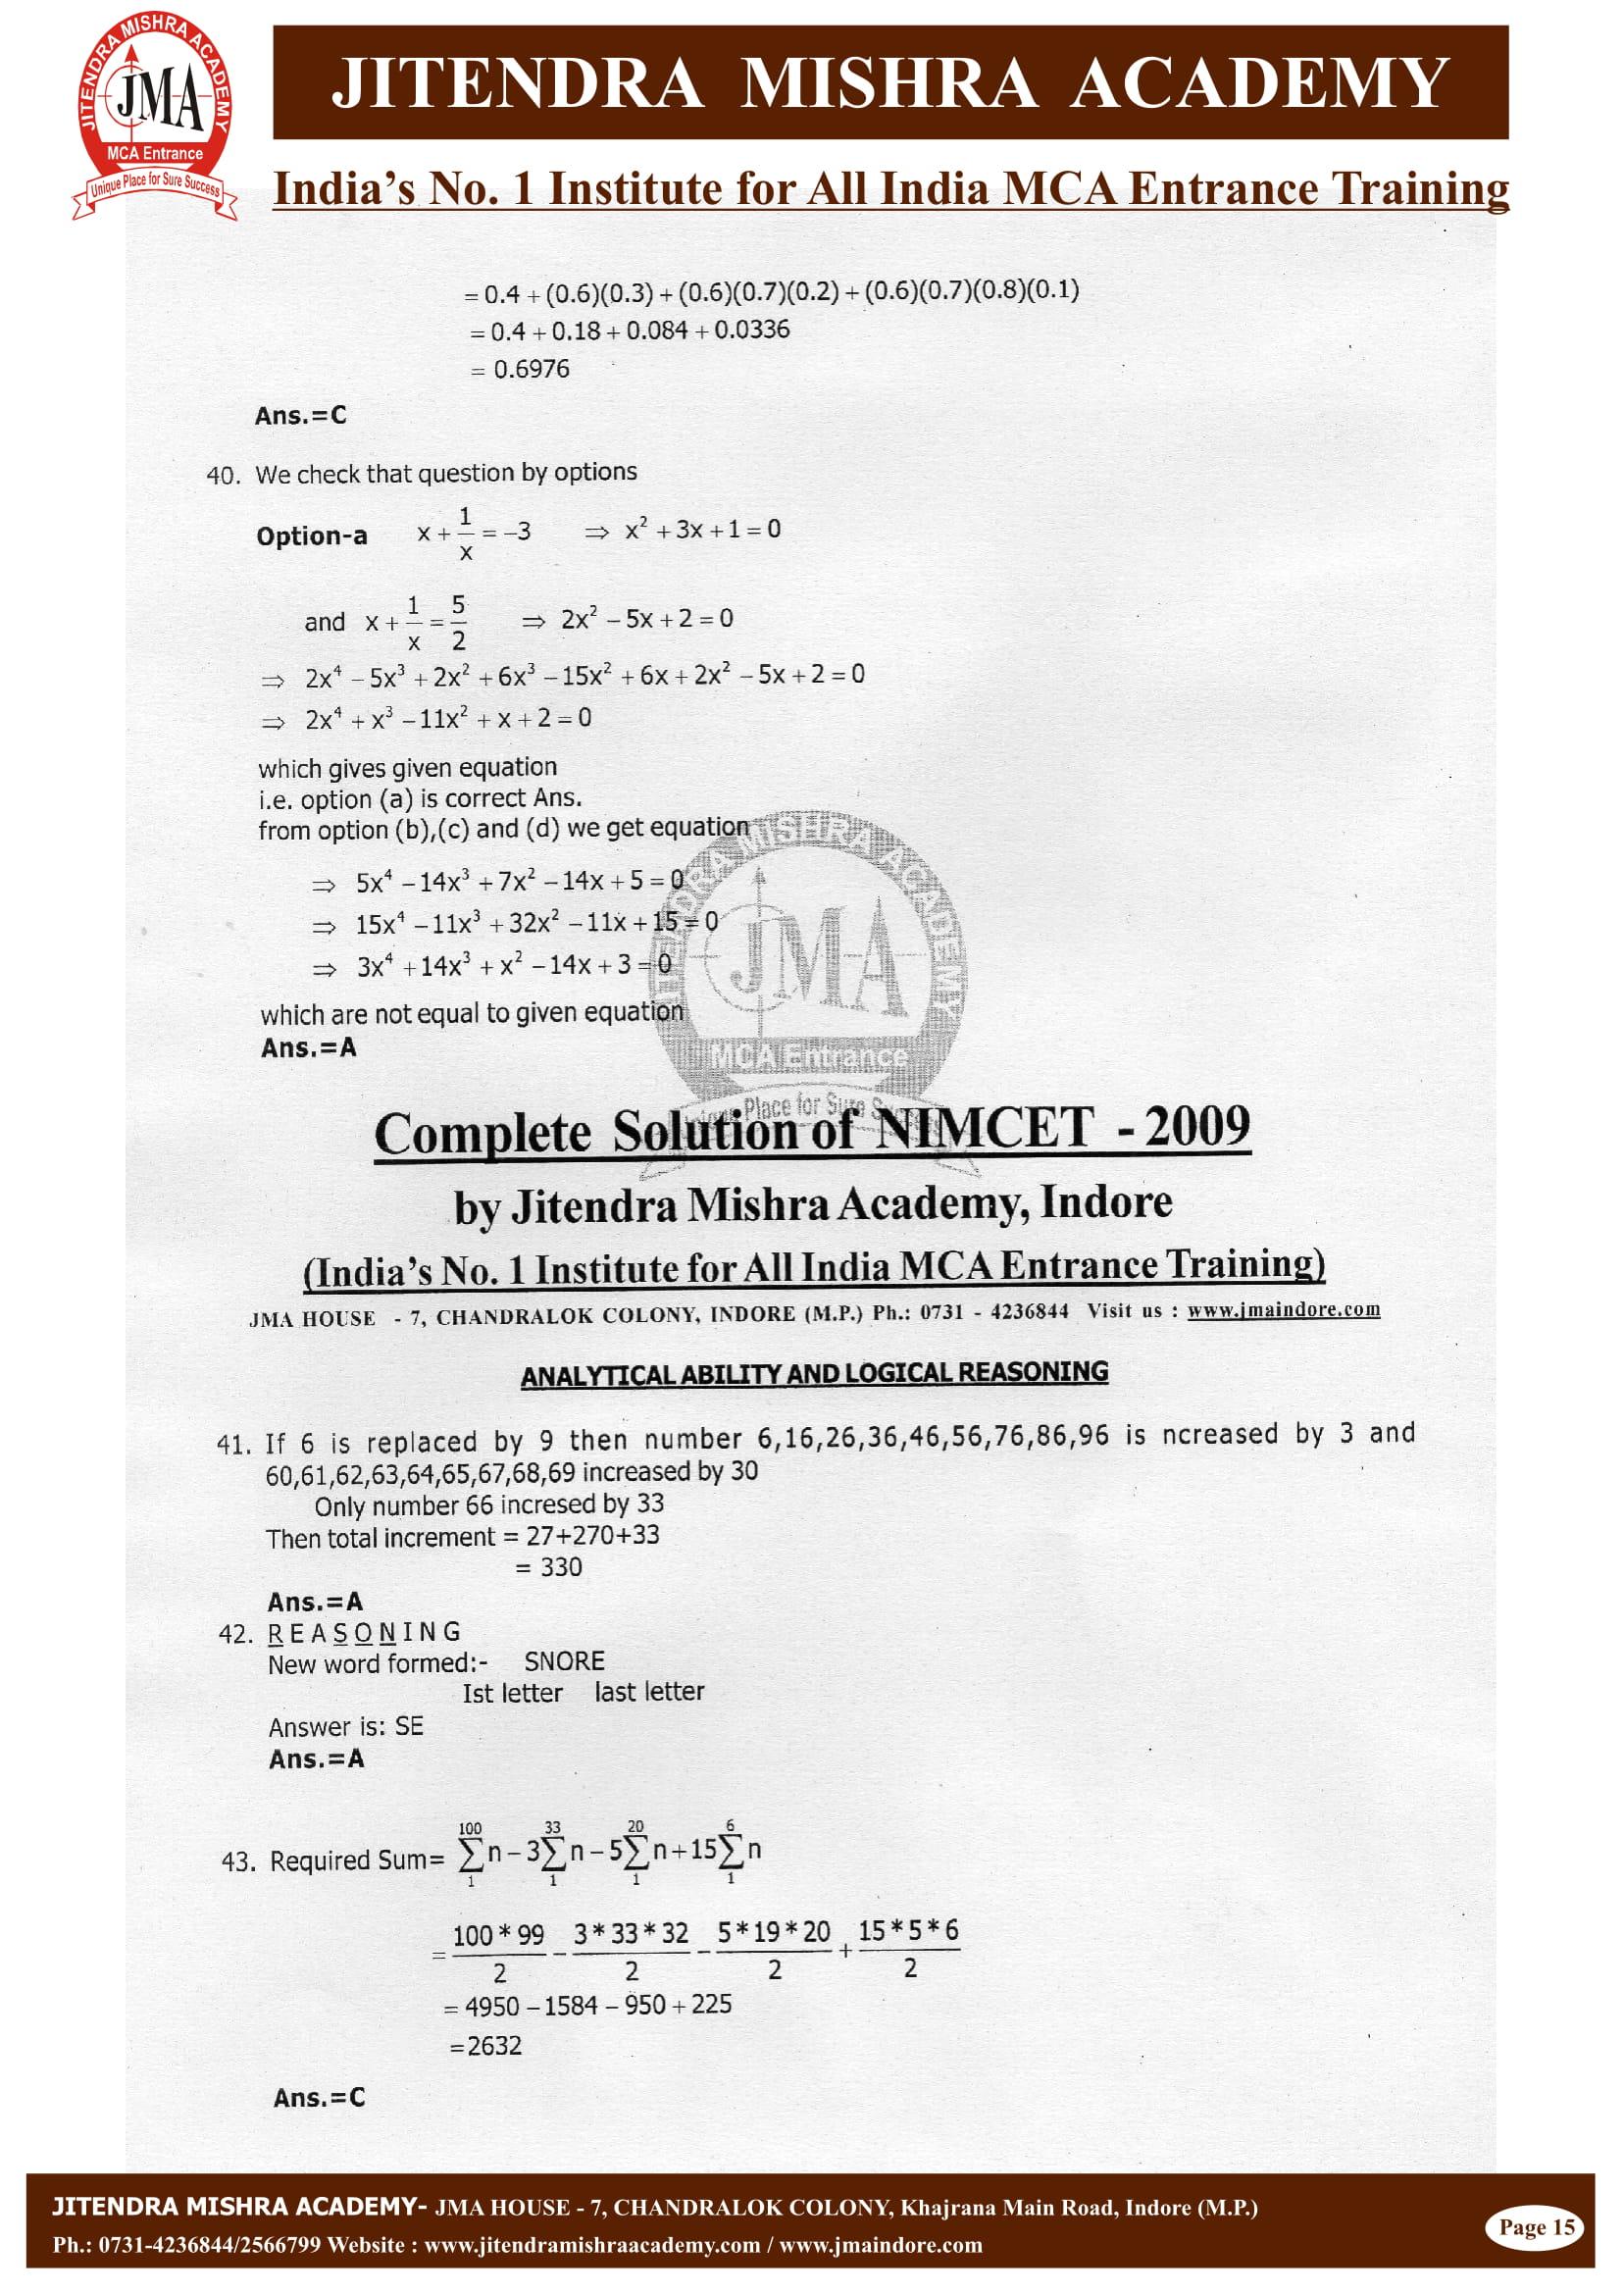 NIMCET - 2009 (SOLUTION)-16